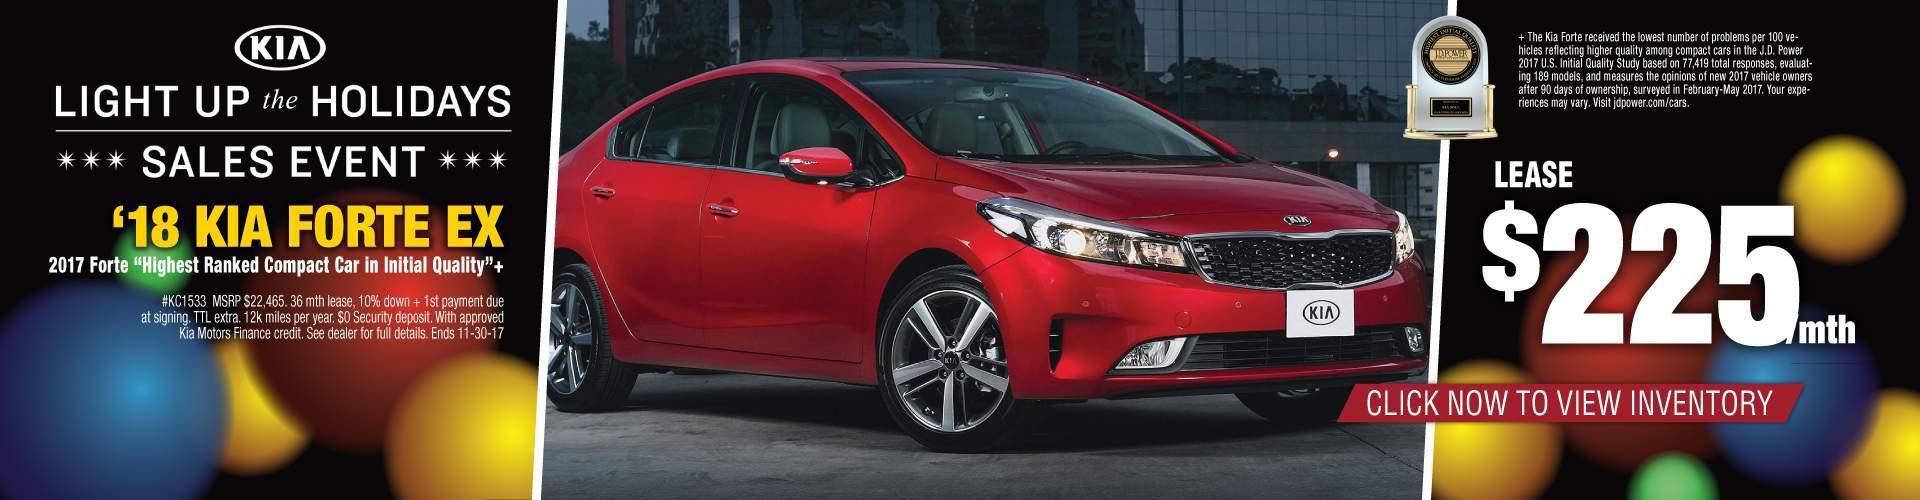 Paul Cerame Kia >> Kia Dealership Saint Louis MO Used Cars Paul Cerame Kia